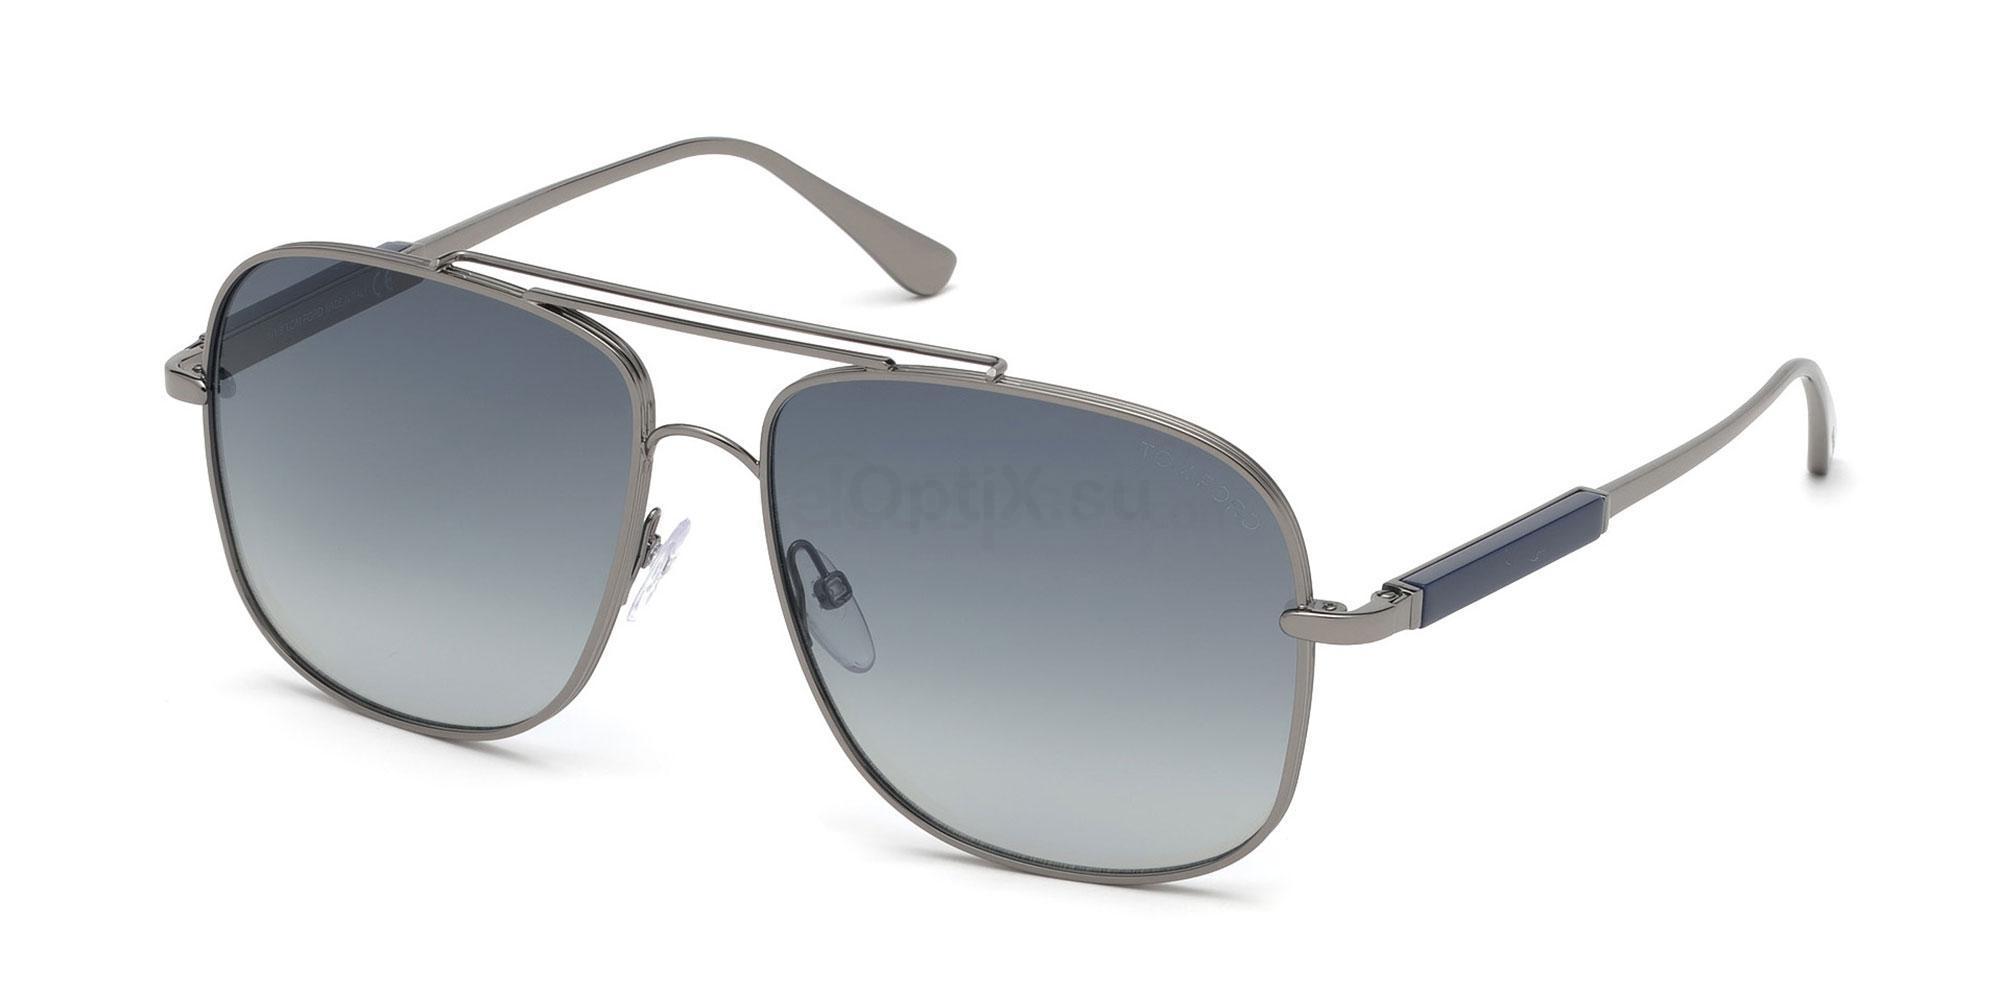 12W FT0669 Sunglasses, Tom Ford